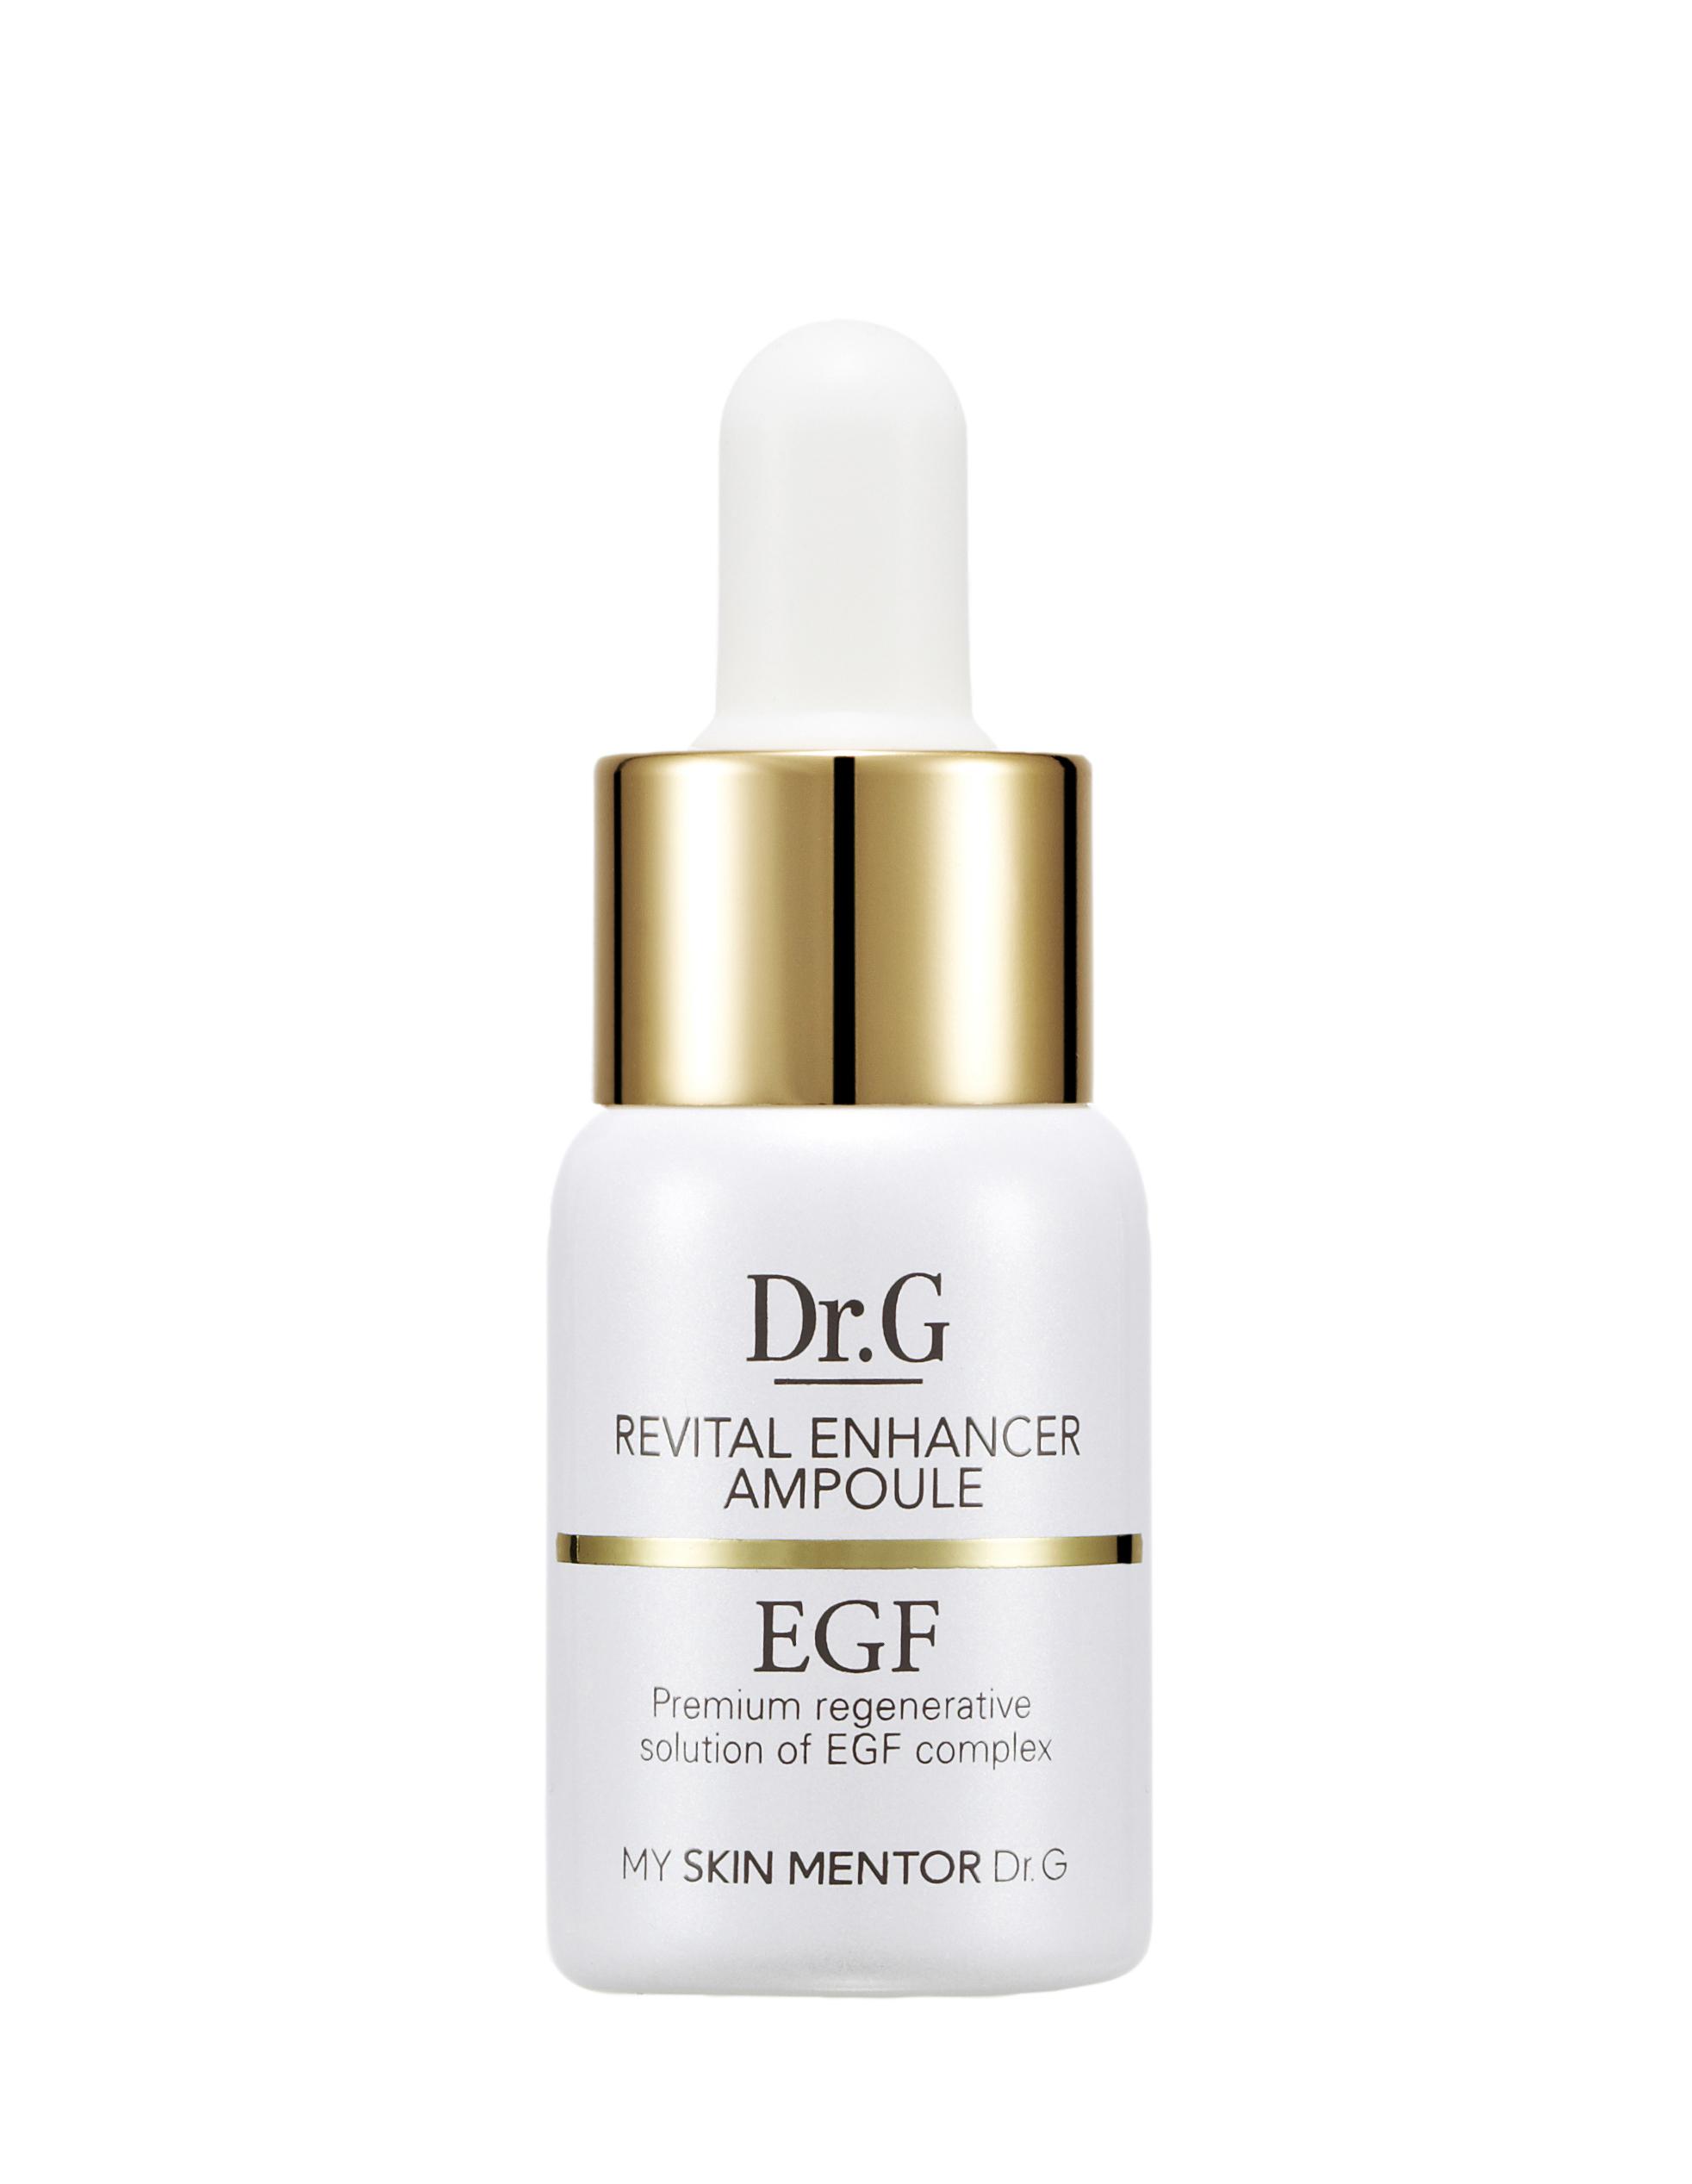 Dr. G Премиальная ампула-сыворотка с EGF Revital Inhancer , 12 млDG139422В основе сыворотки - EGF (то есть эпидермальный фактор роста клеток), ферментированный экстракт лактобактерий, аскорбил глюкозид, сок бамбука, экстракт центеллы азиатской. EGF замедляет процессы старения, нормализует состояние капилляров. За открытие EGF, то есть фактически за открытие новой эры в развитии биологической науки, приблизившей человечество к мечте об остановке процессов старения, была присуждена Нобелевская премия. Ферментированный экстракт лактобактерий обладает антимикробным действием, защищает от негативного влияния факторов окружающей среды, повышает способность клеток к регенерации. Аскорбил глюкозид осветляет общий тон кожи, освежая безжизненную дерму, уменьшает пигментацию. Сок бамбука обладает отличным очищающим и заживляющим эффектом, укрепляет мышцы и подтягивает контуры. Экстракт центеллы азиатской приводит в норму уровень давление клеточного содержимого на стенки, что позволяет коже сохранять эластичность. Для одной процедуры достаточно всего 1-2 капель...